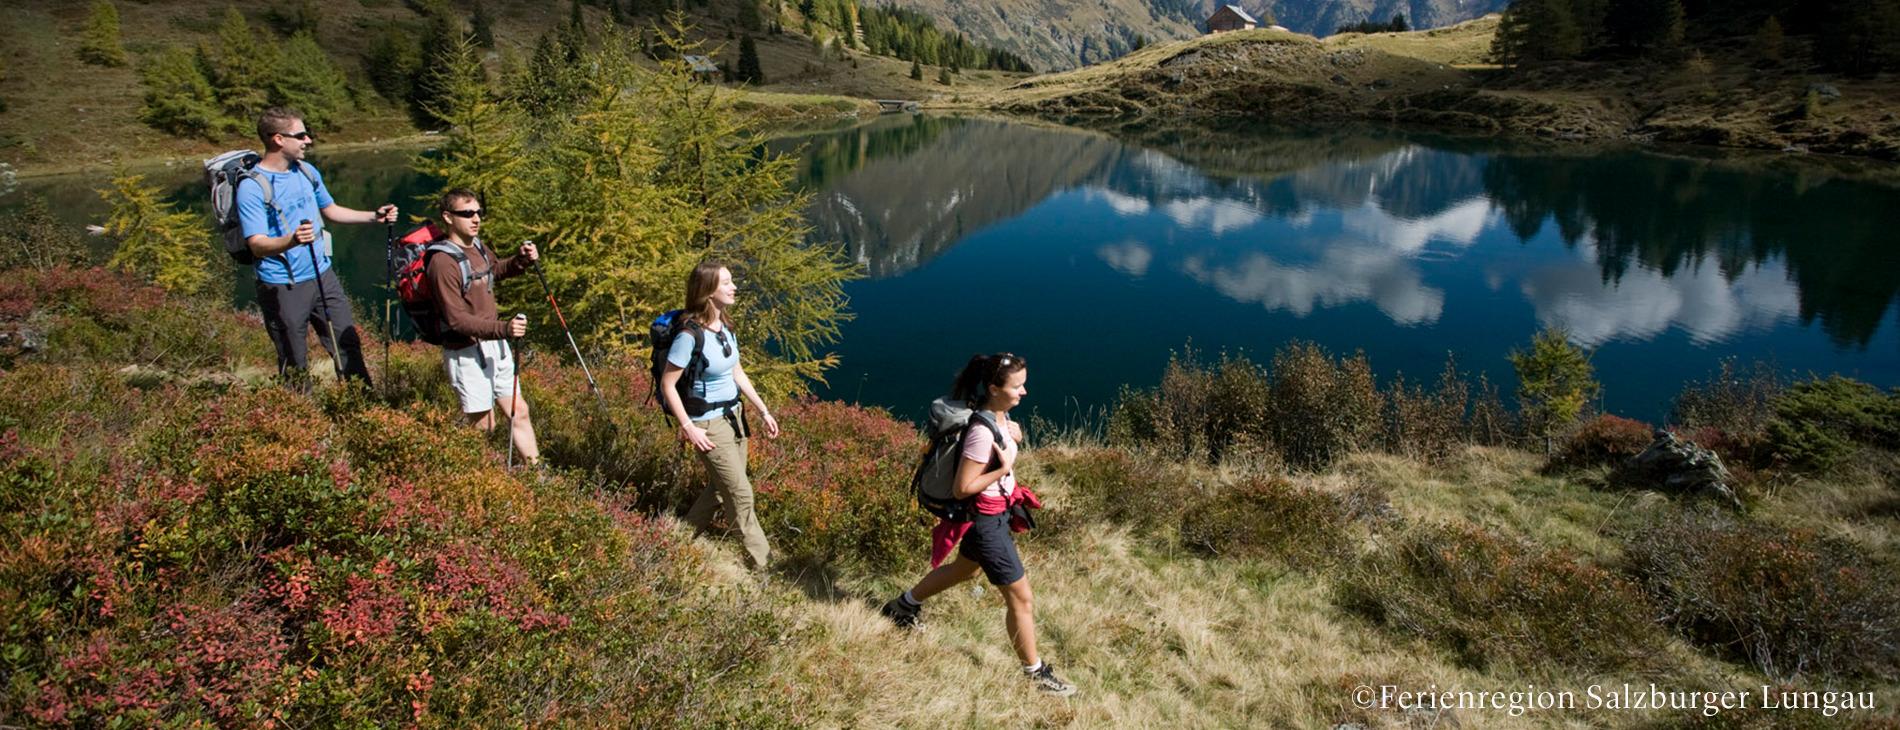 Herrliche Spaziergänge und genussvolle Touren